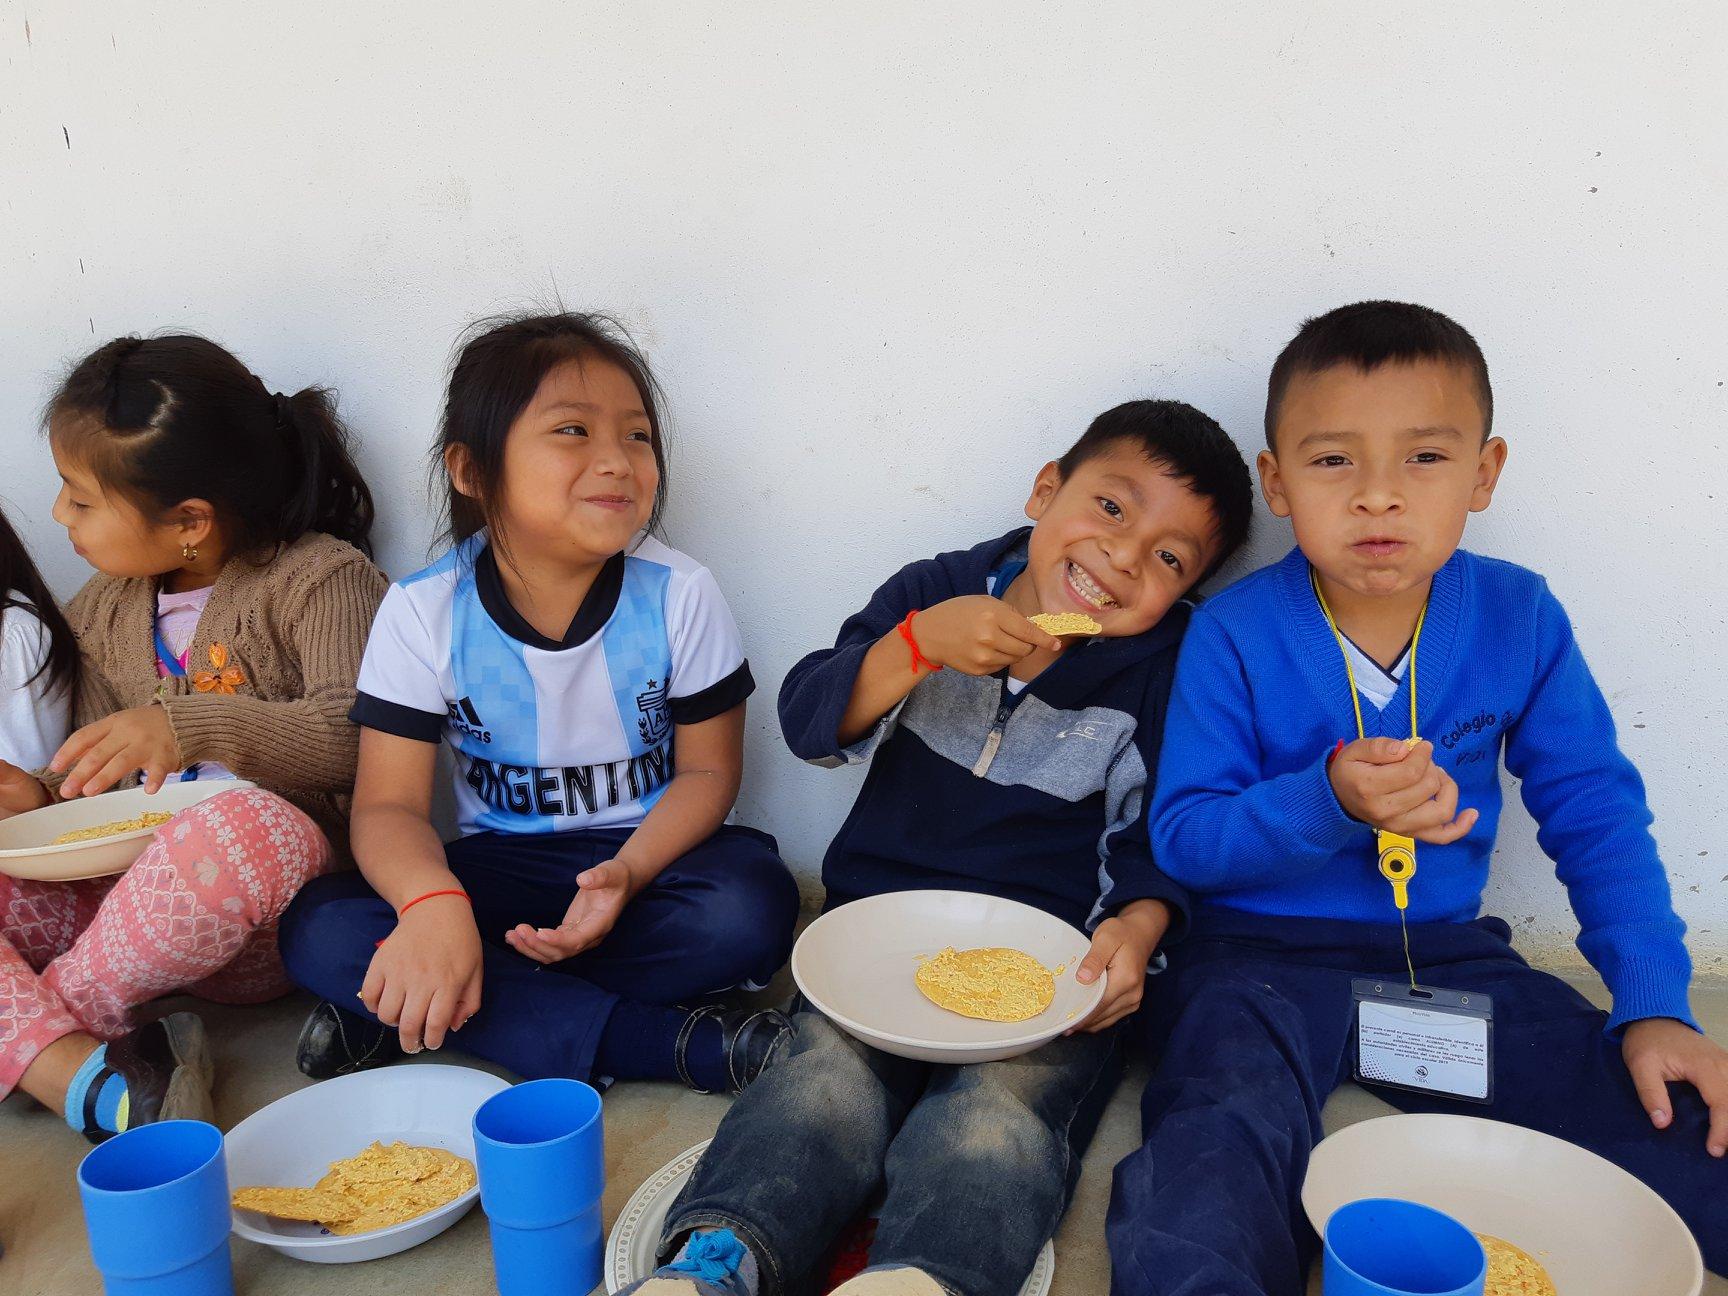 Vida students eating Tortillas